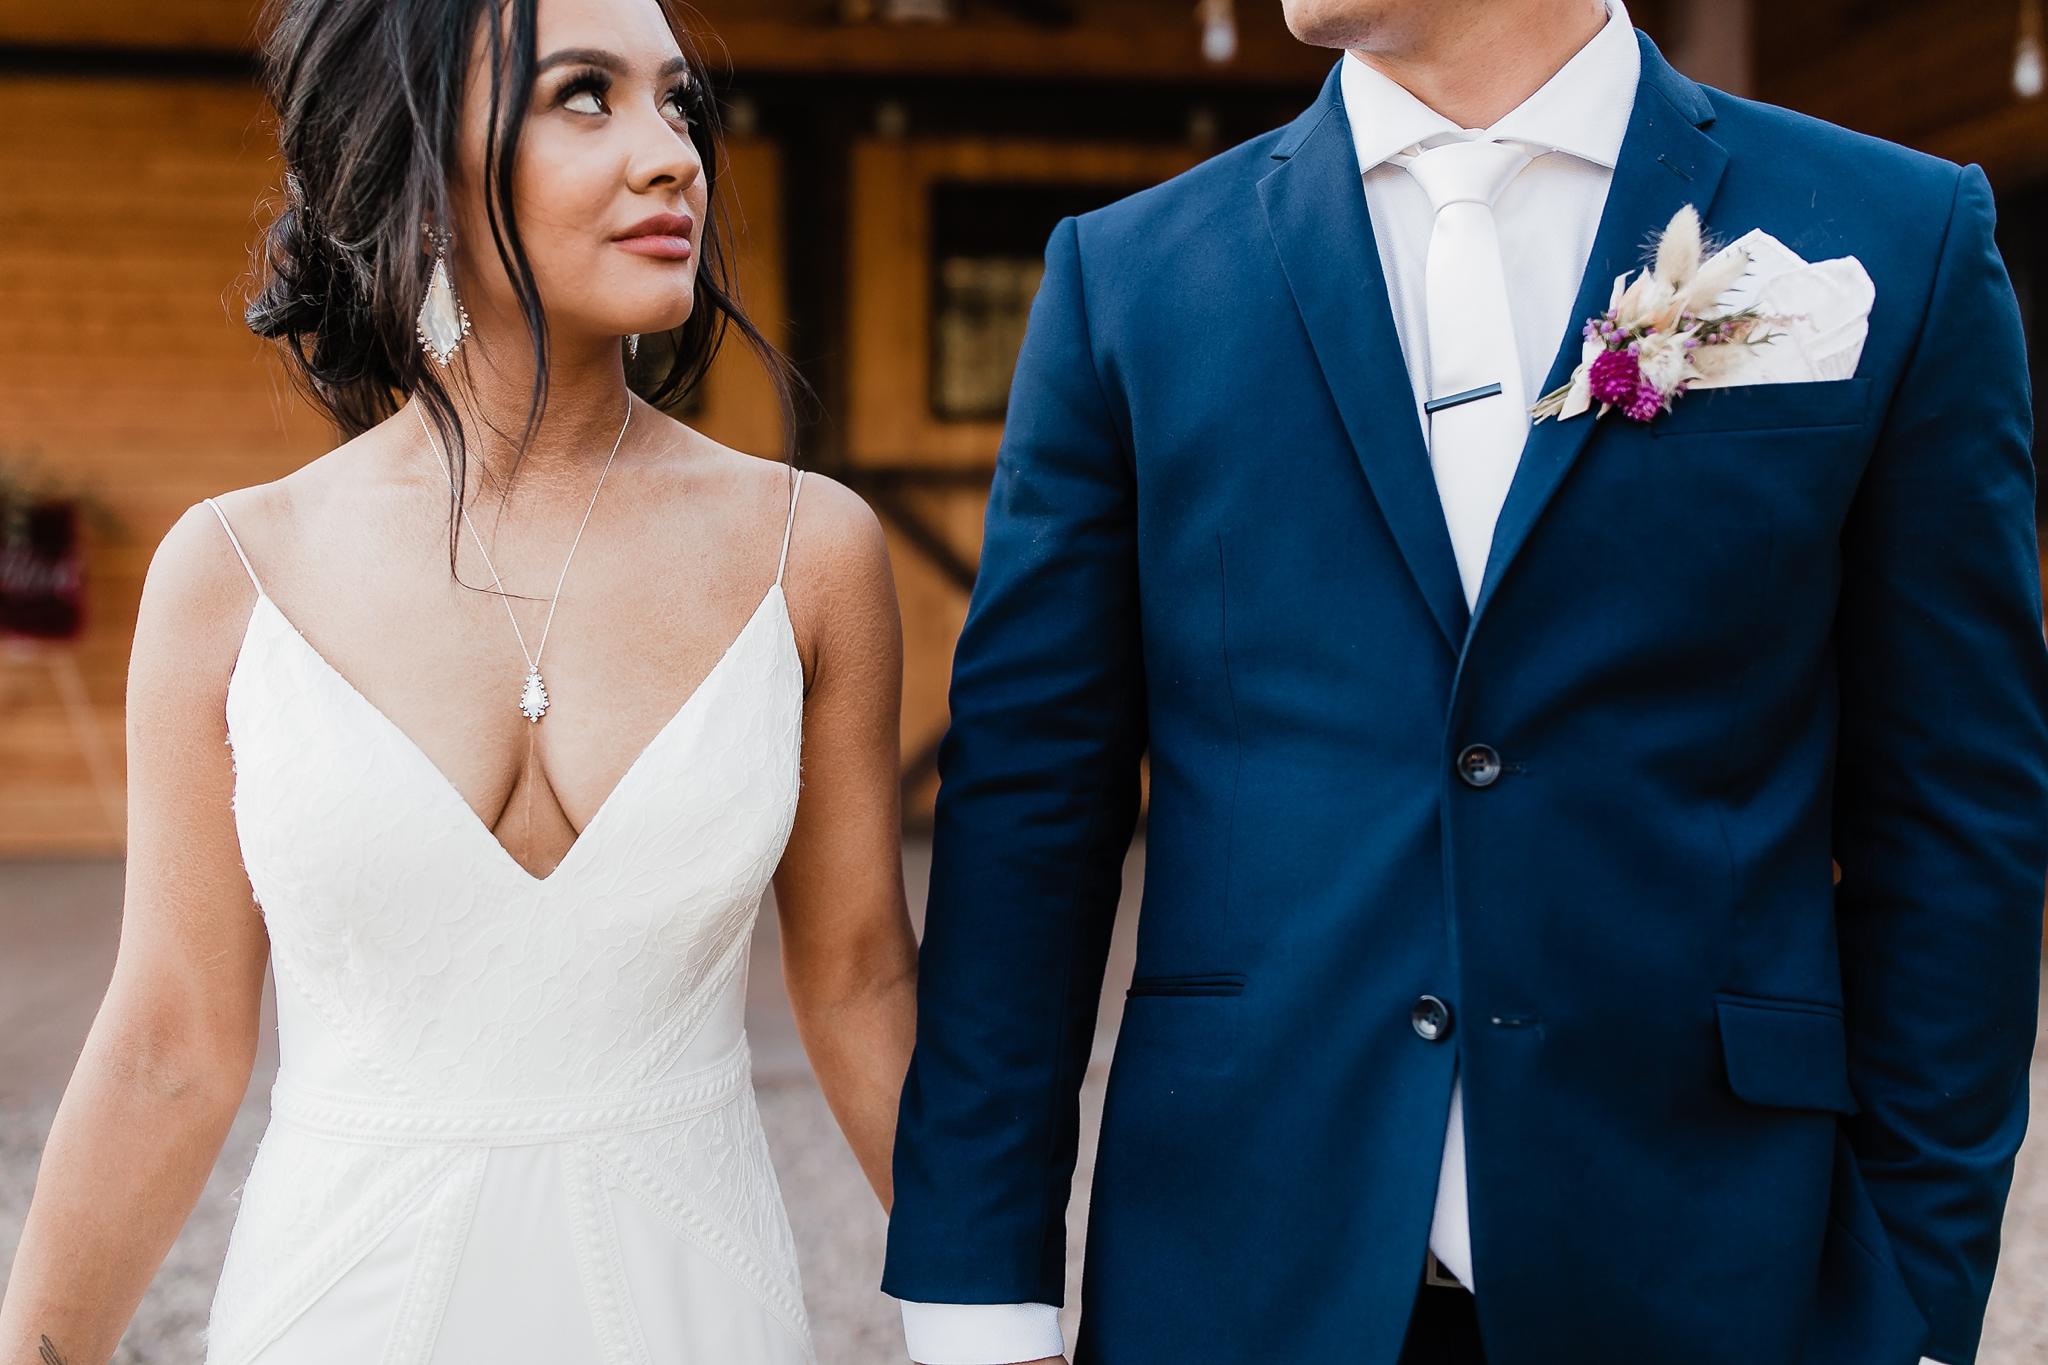 Alicia+lucia+photography+-+albuquerque+wedding+photographer+-+santa+fe+wedding+photography+-+new+mexico+wedding+photographer+-+new+mexico+wedding+-+new+mexico+wedding+-+barn+wedding+-+enchanted+vine+barn+wedding+-+ruidoso+wedding_0135.jpg